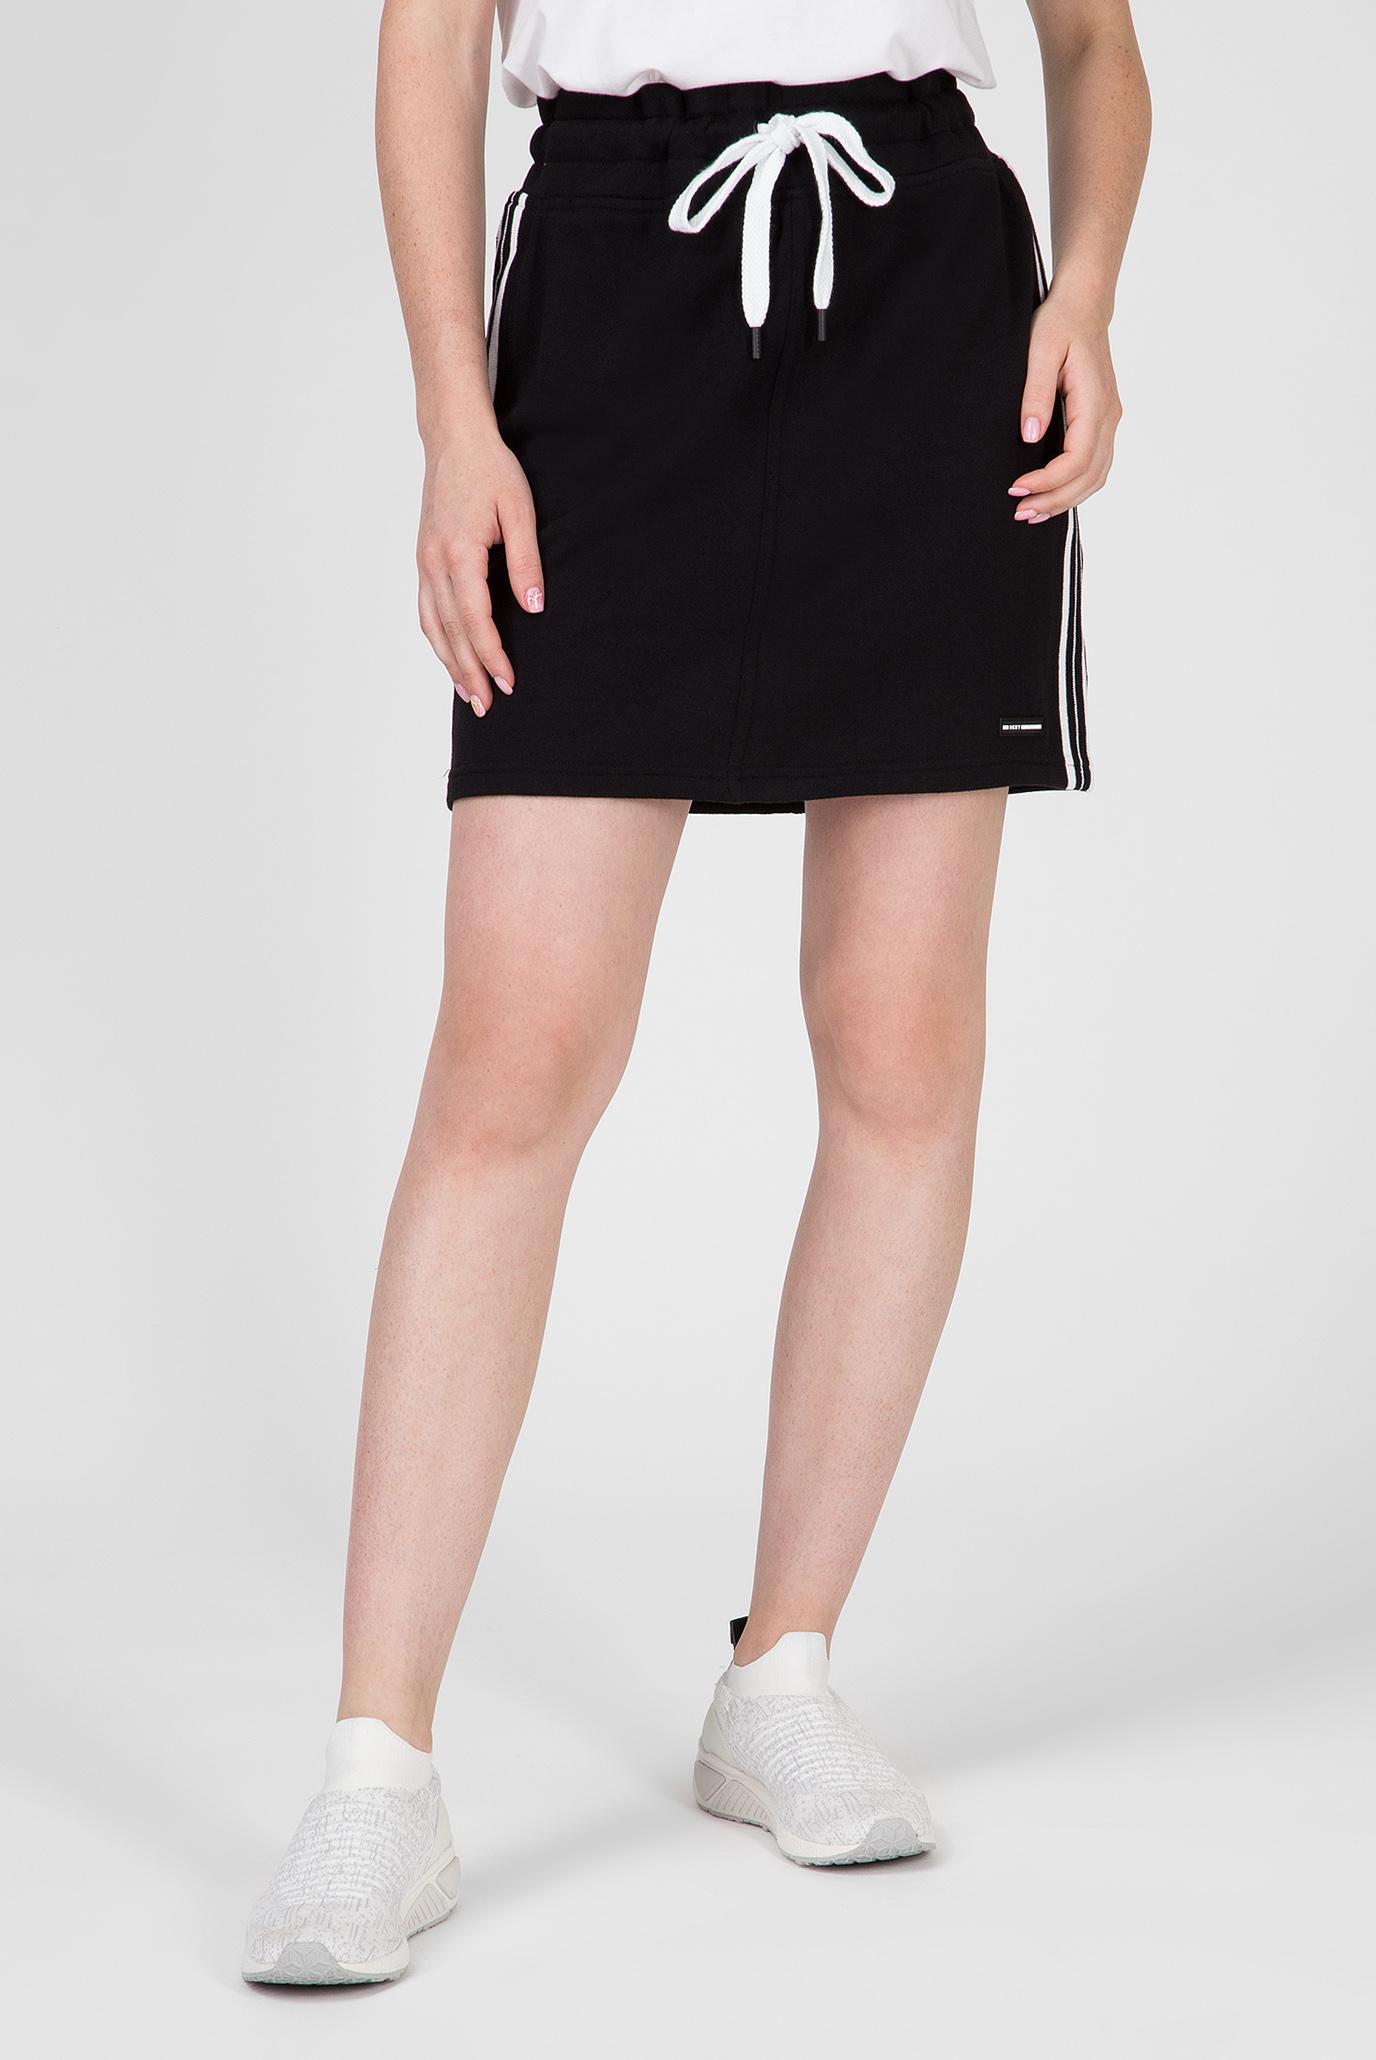 Купить Женская черная юбка LOGO DKNY DKNY DP9S4596 – Киев, Украина. Цены в интернет магазине MD Fashion